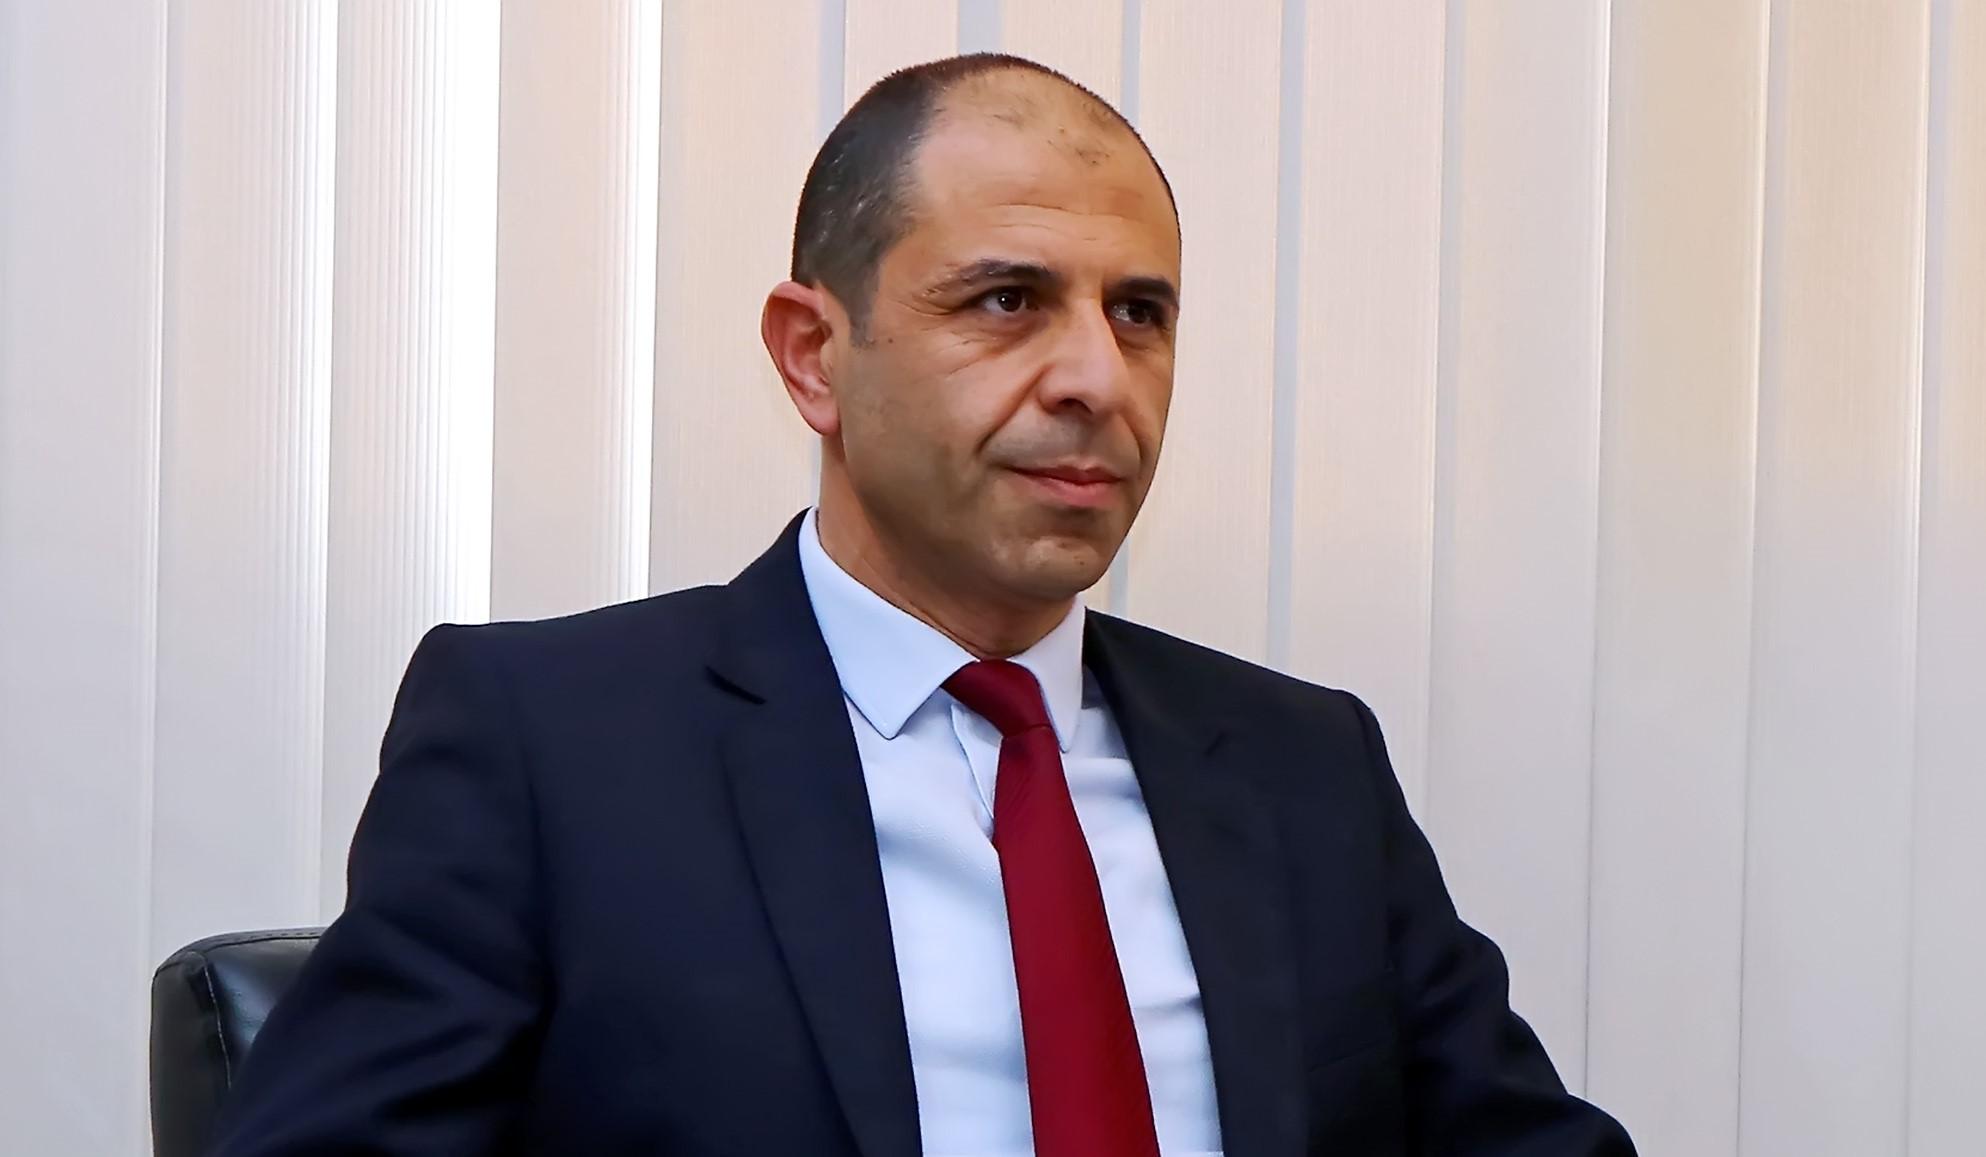 """KUDRET ÖZERSAY : """"BİZİ DE MUHATAP ALMALARINI SAĞLAMA SÖZÜ VERİYORUM"""""""